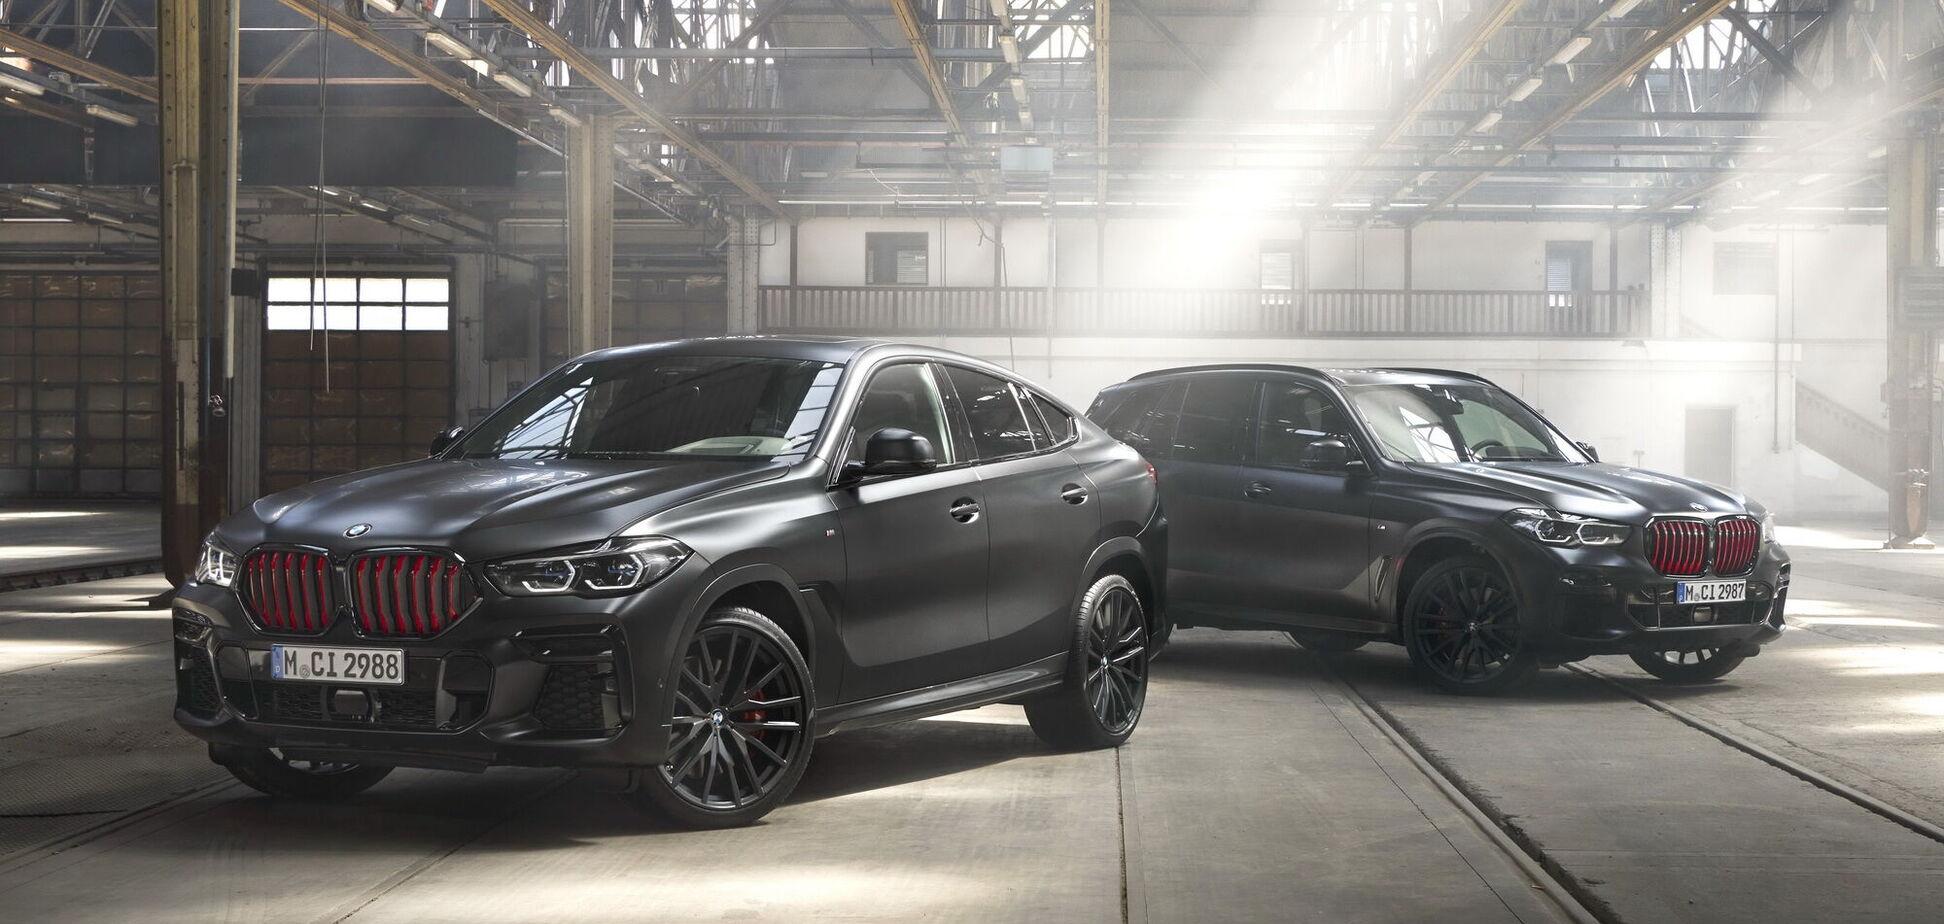 BMW підготувала для своїх фанів ексклюзивні версії Х5, Х6 та Х7